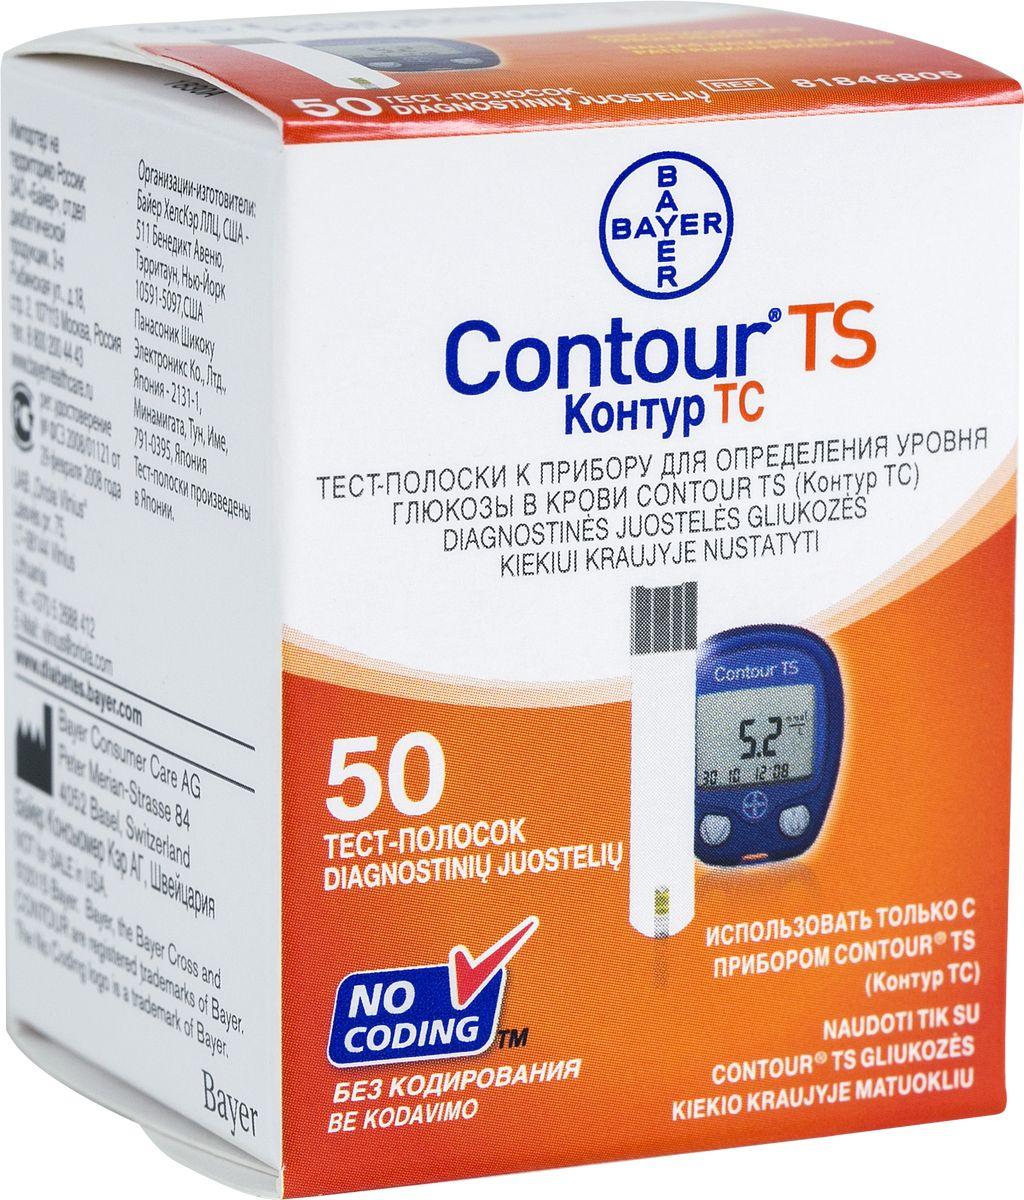 Тест-полоски Contour TS, 50 шт05.959Тест-полоски для глюкометра Байер Контур ТС (Bayer Contour TS). В упаковке 50 тест-полосок. Капля крови всего 0.6 мкл. Тест-полоски используются только с глюкометром Байер Контур ТС.